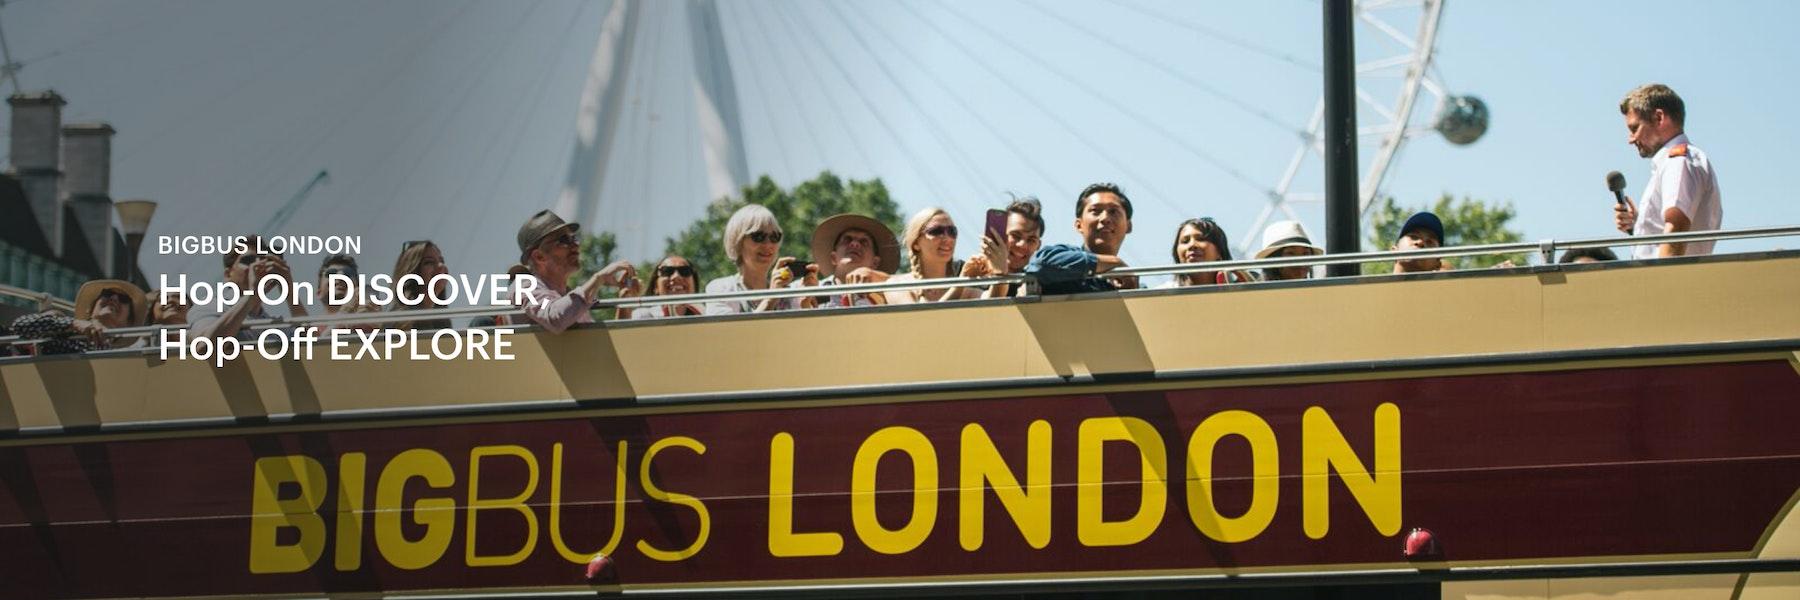 London Hop on hop off bus tours